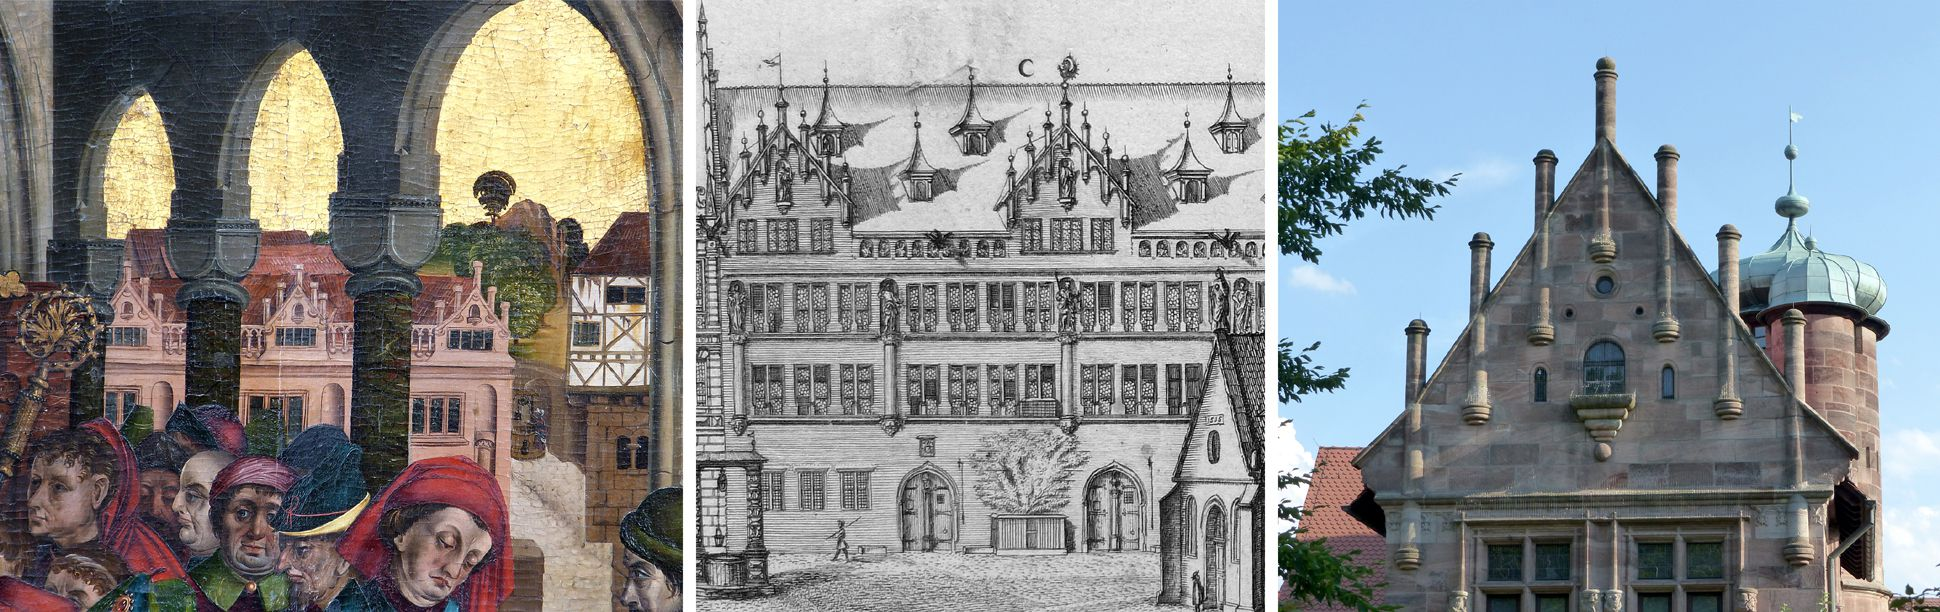 Epitaph des Hans Mayer (gest. 21.8.1473) und Ehefrau Kunigunde, geborene Sternecker (gest. 23.3.1450) links: Blick auf das Grolandsche Anwesen (Egidienberg); Mitte: Graffs Darstellung desselben Motivs (1682); rechts: Giebel des Tucherschlösschens (1533-1544)